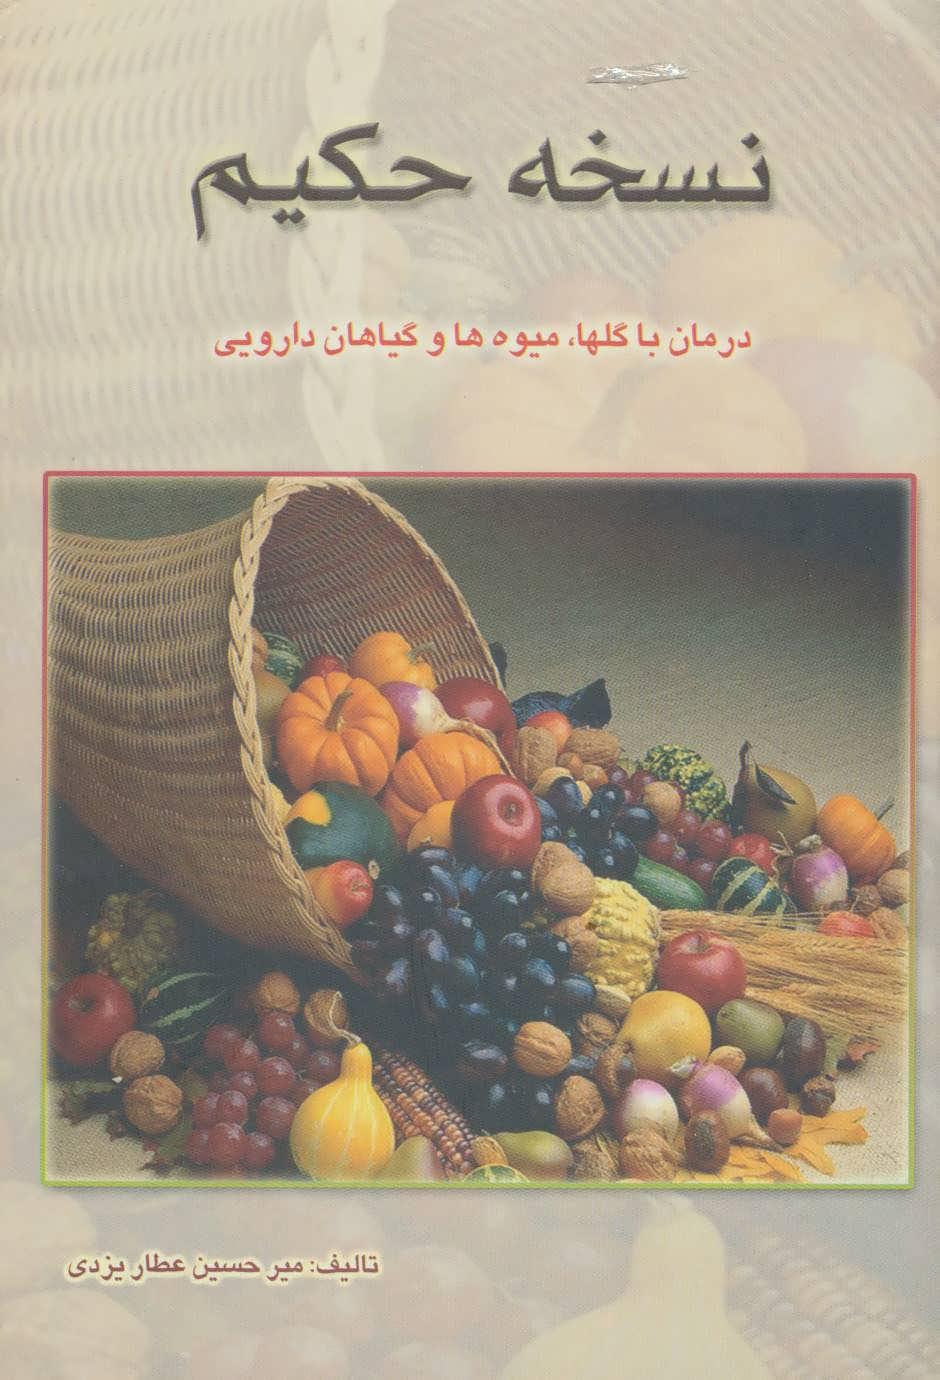 نسخه حکیم (درمان با گلها،میوه ها و گیاهان دارویی)